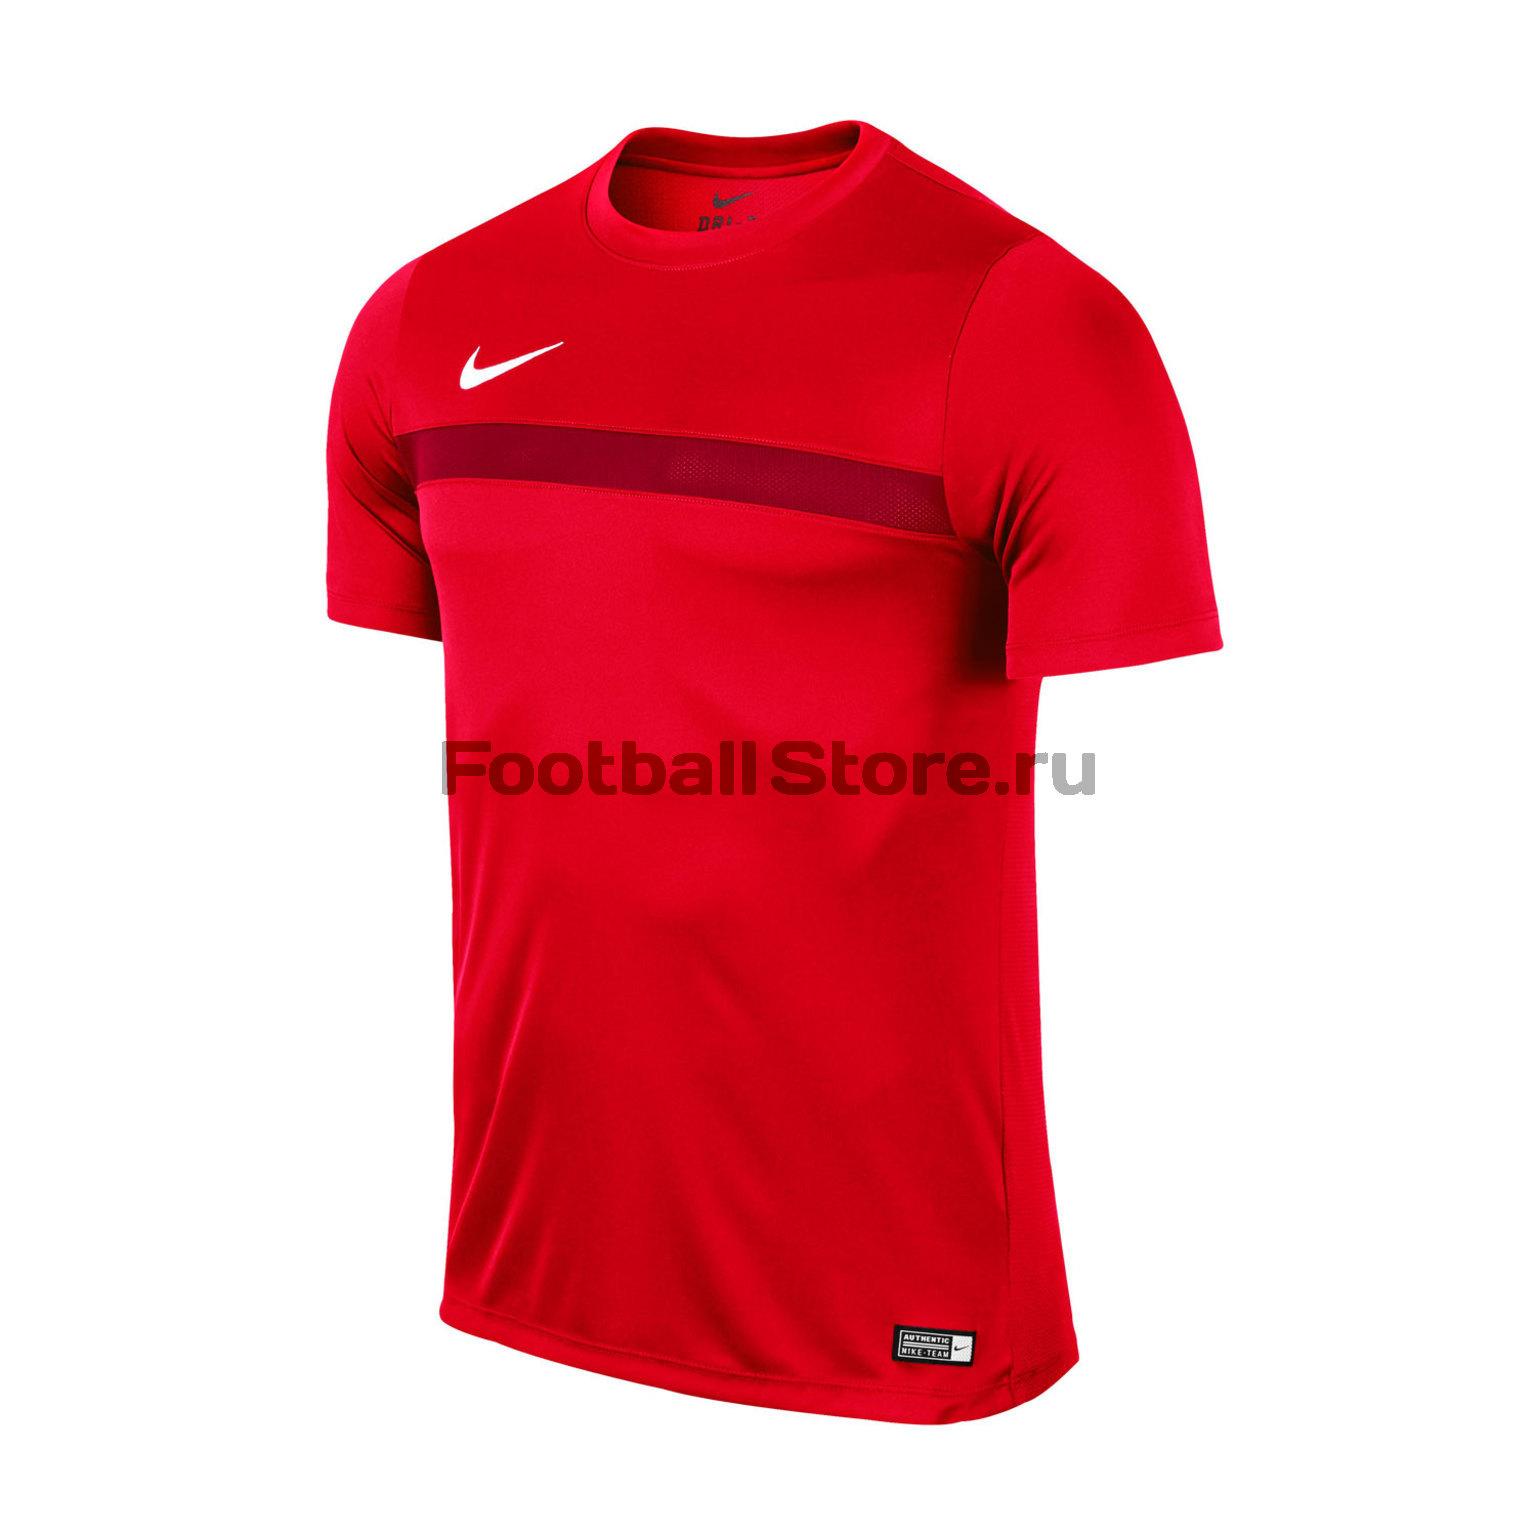 Футболка тренировочная Nike Academy 725932-657 футболка тренировочная подростковая nike размер xs